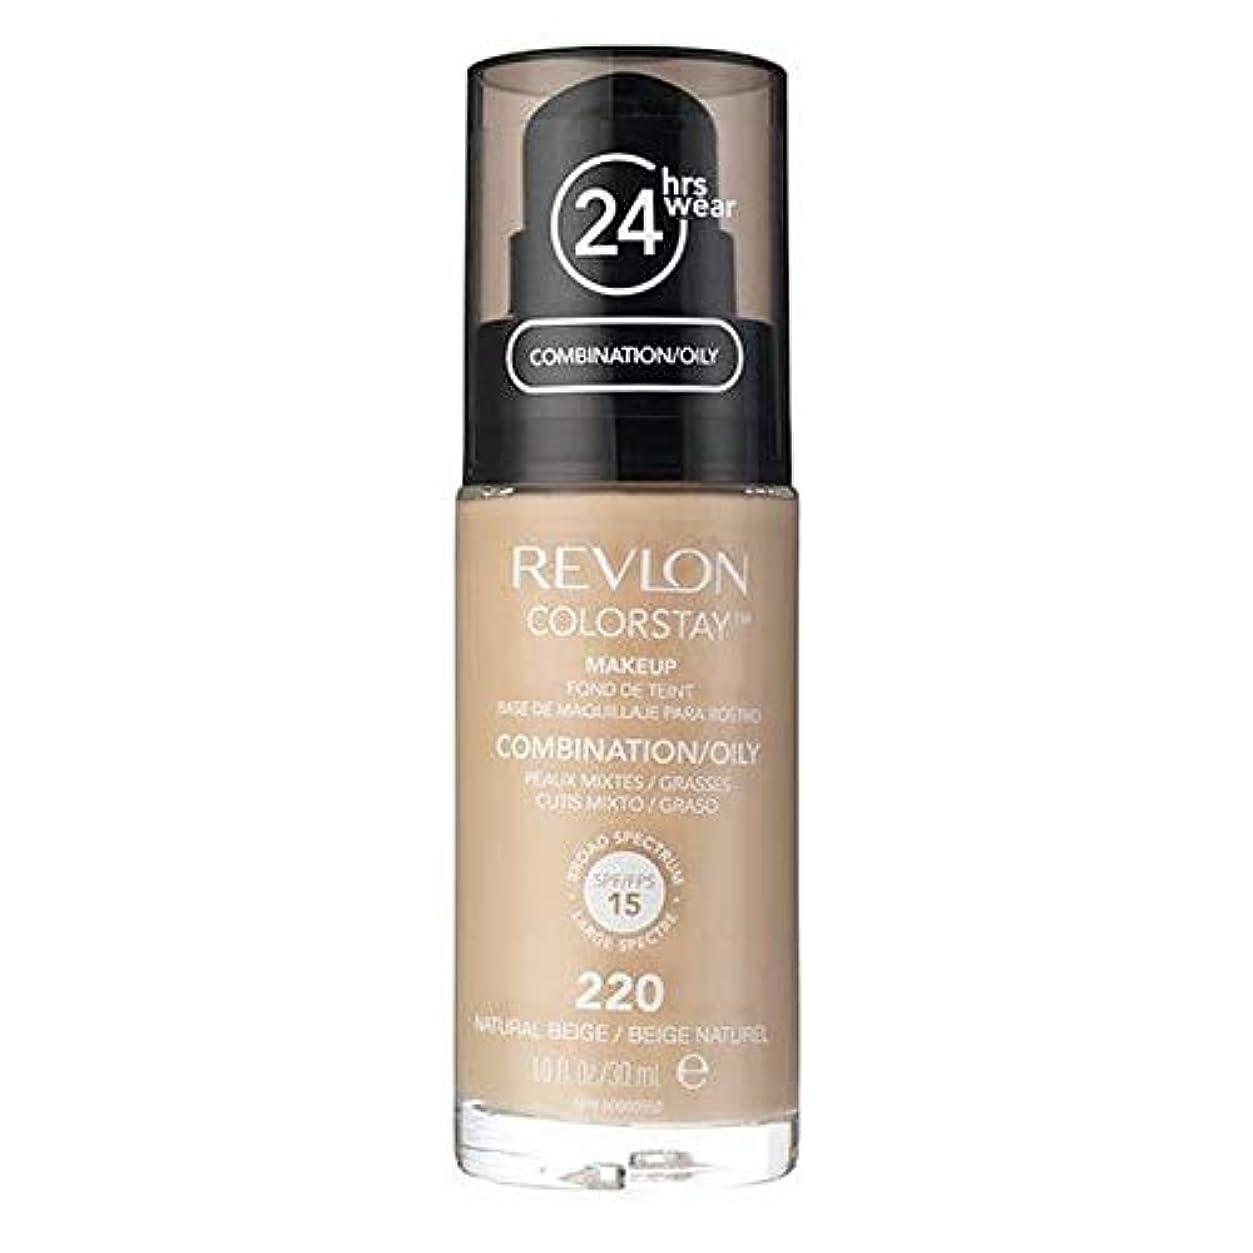 意味のあるチップ集団的[Revlon ] レブロンカラーステイ基盤コンビ/油性Natbeige 30ミリリットル - Revlon Color Stay Foundation Combi/Oily Natbeige 30ml [並行輸入品]